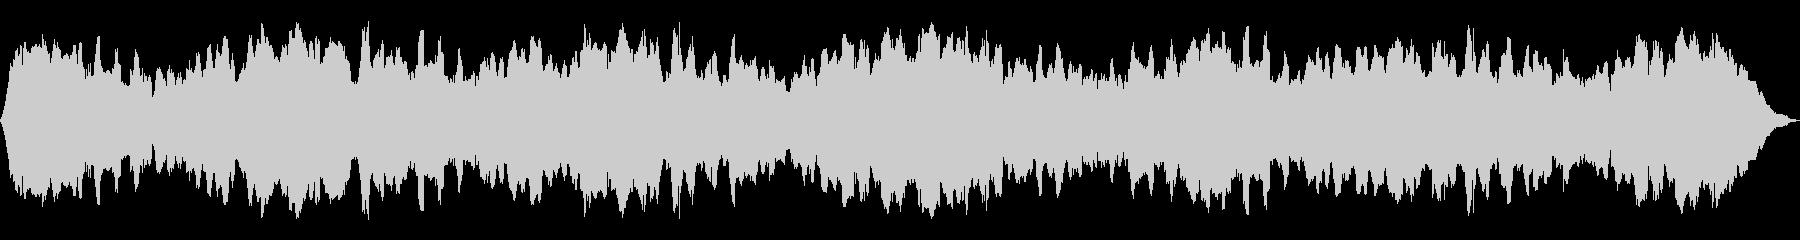 ホロースイープメタリックドローン、...の未再生の波形